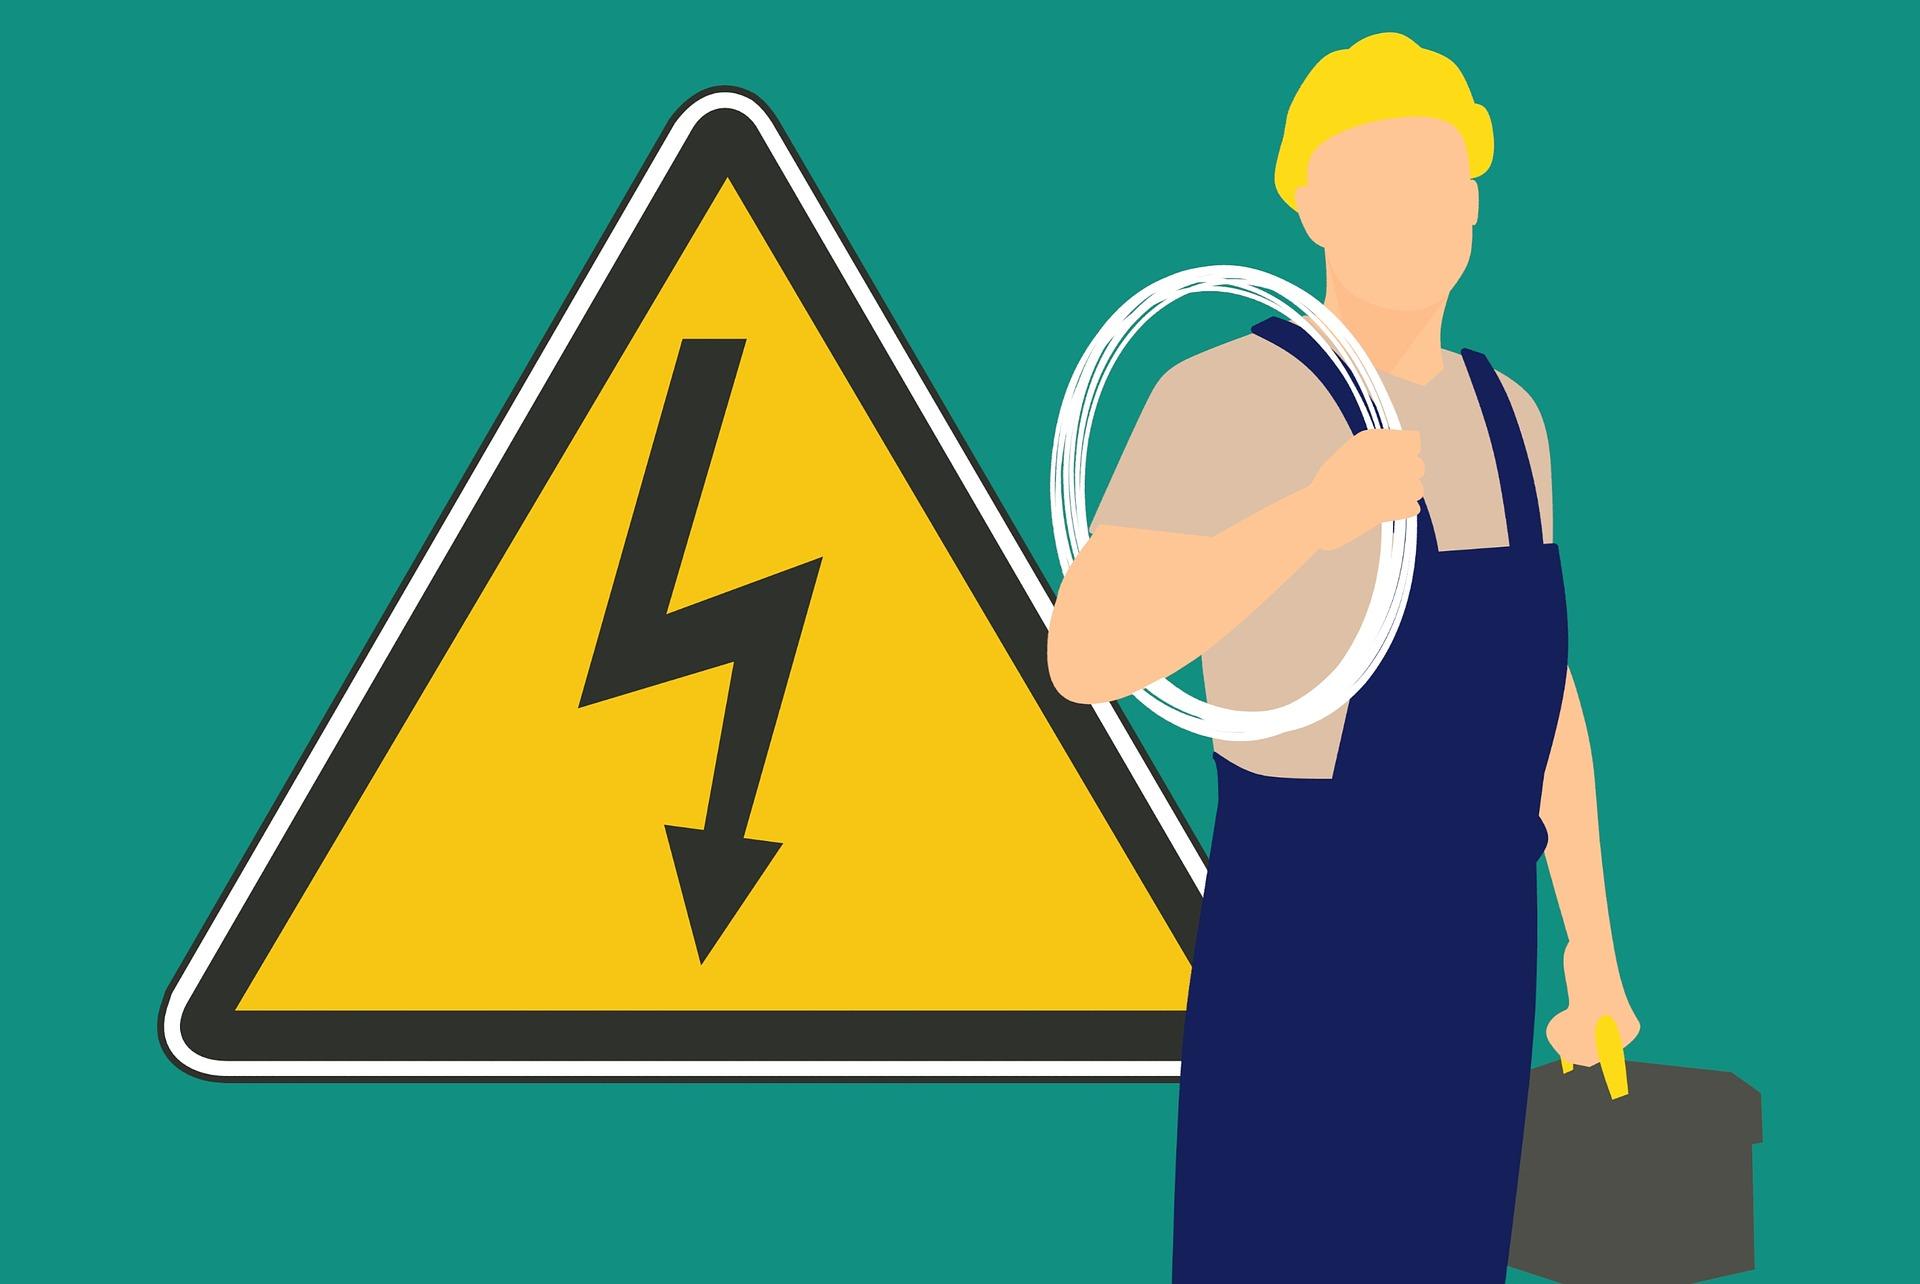 En tecknad elektriker framför en varningsskylt för elfara